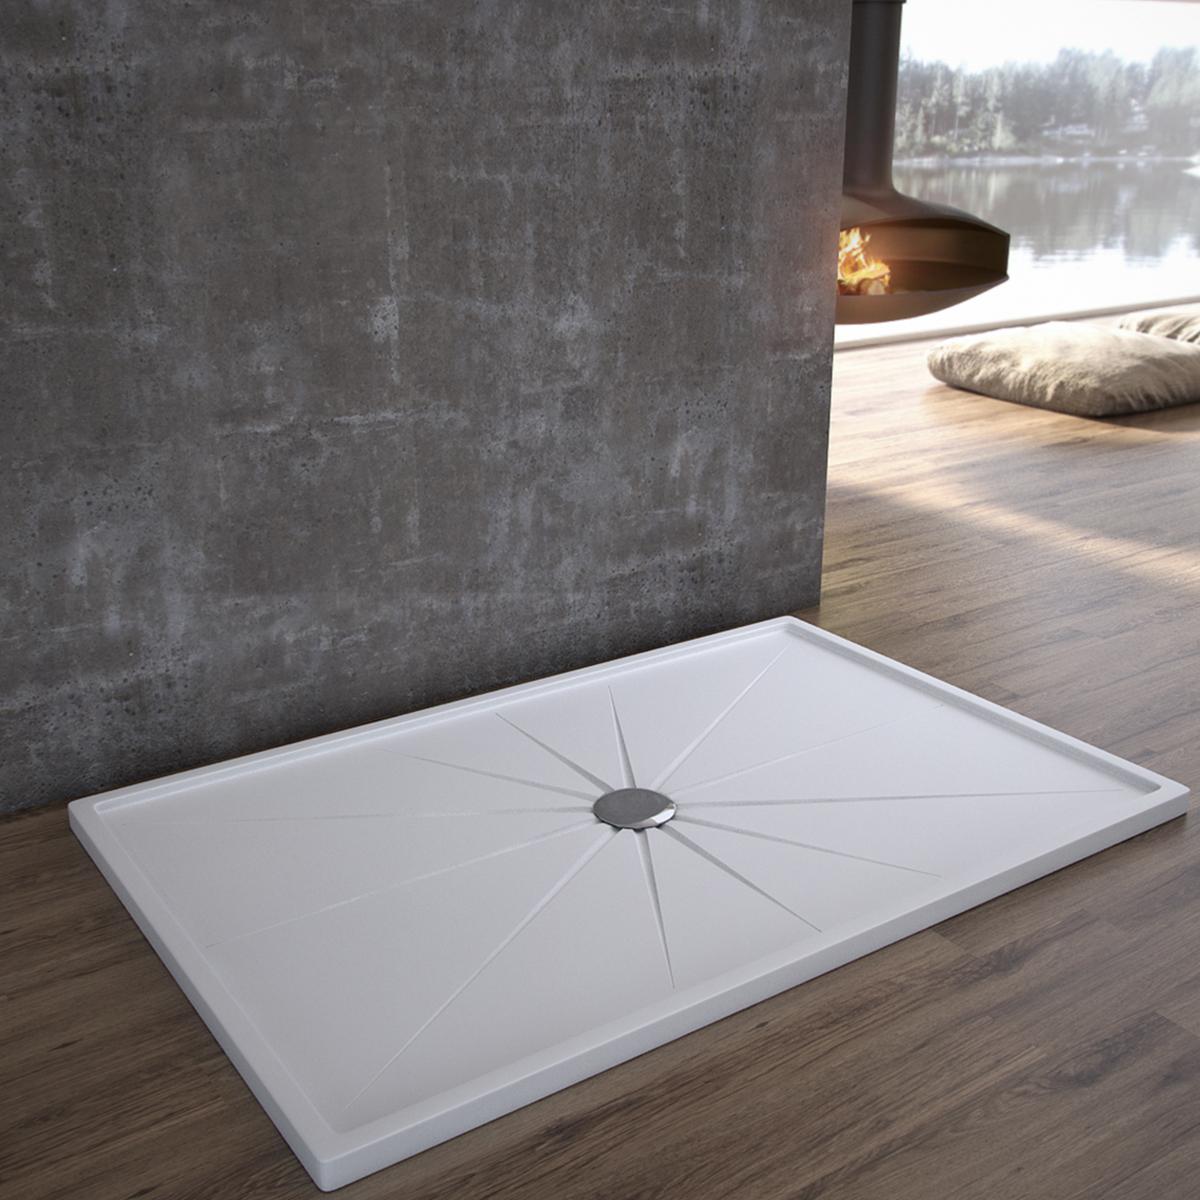 Piatto doccia picasso 130x80 - Grandezza piatto doccia ...